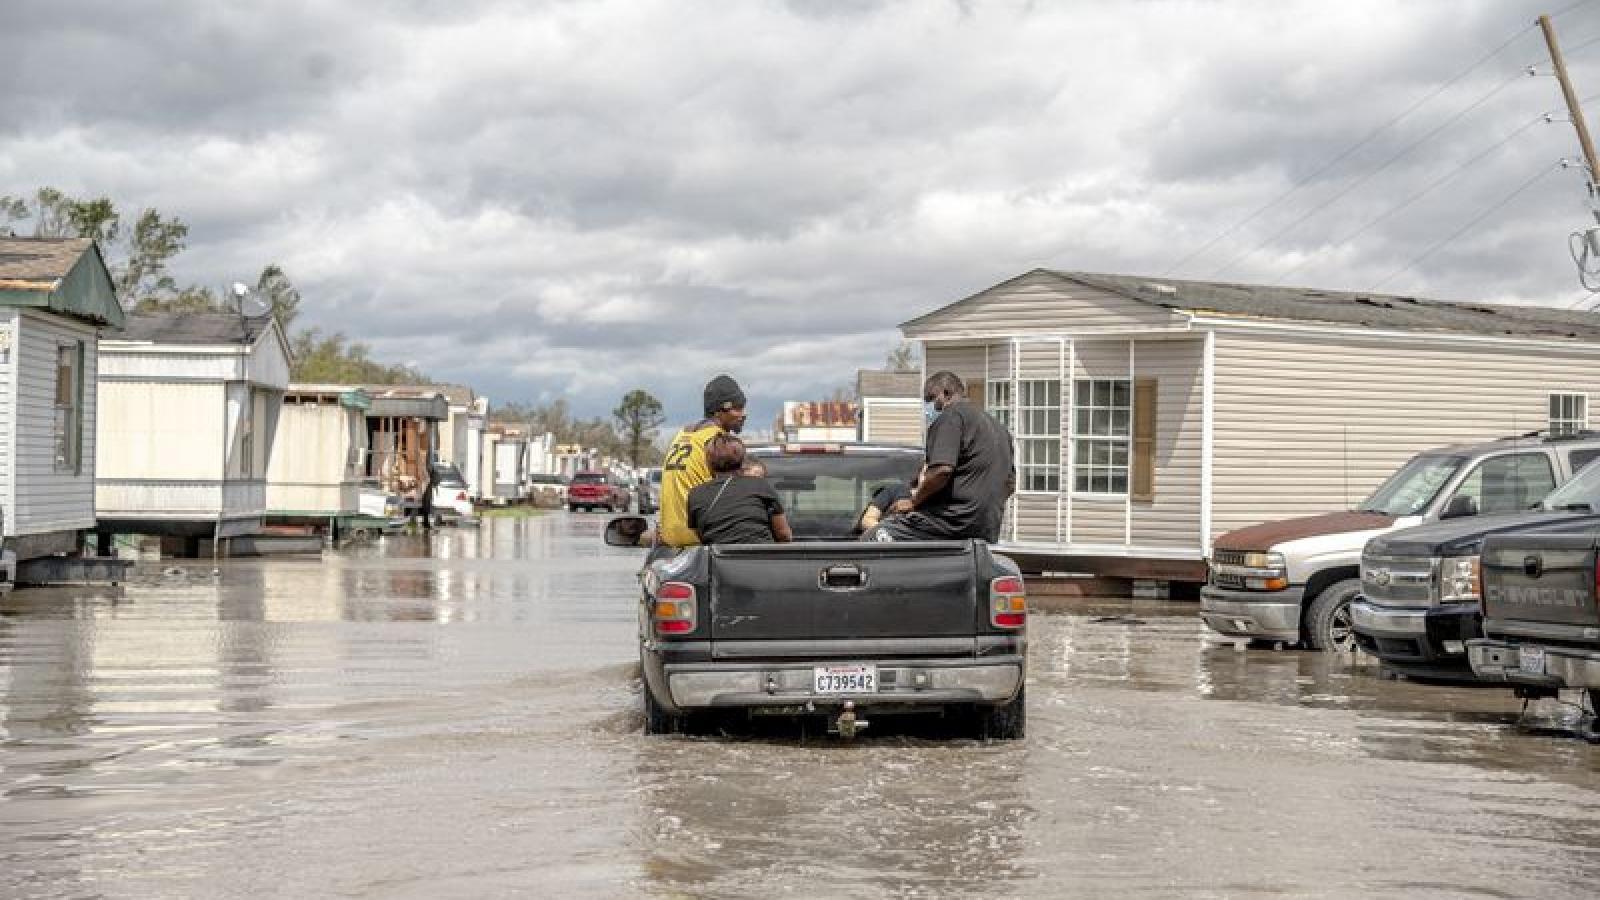 Cháy rừng, lũ lụt khiến nhiều bang của Mỹ phải tuyên bố tình trạng khẩn cấp